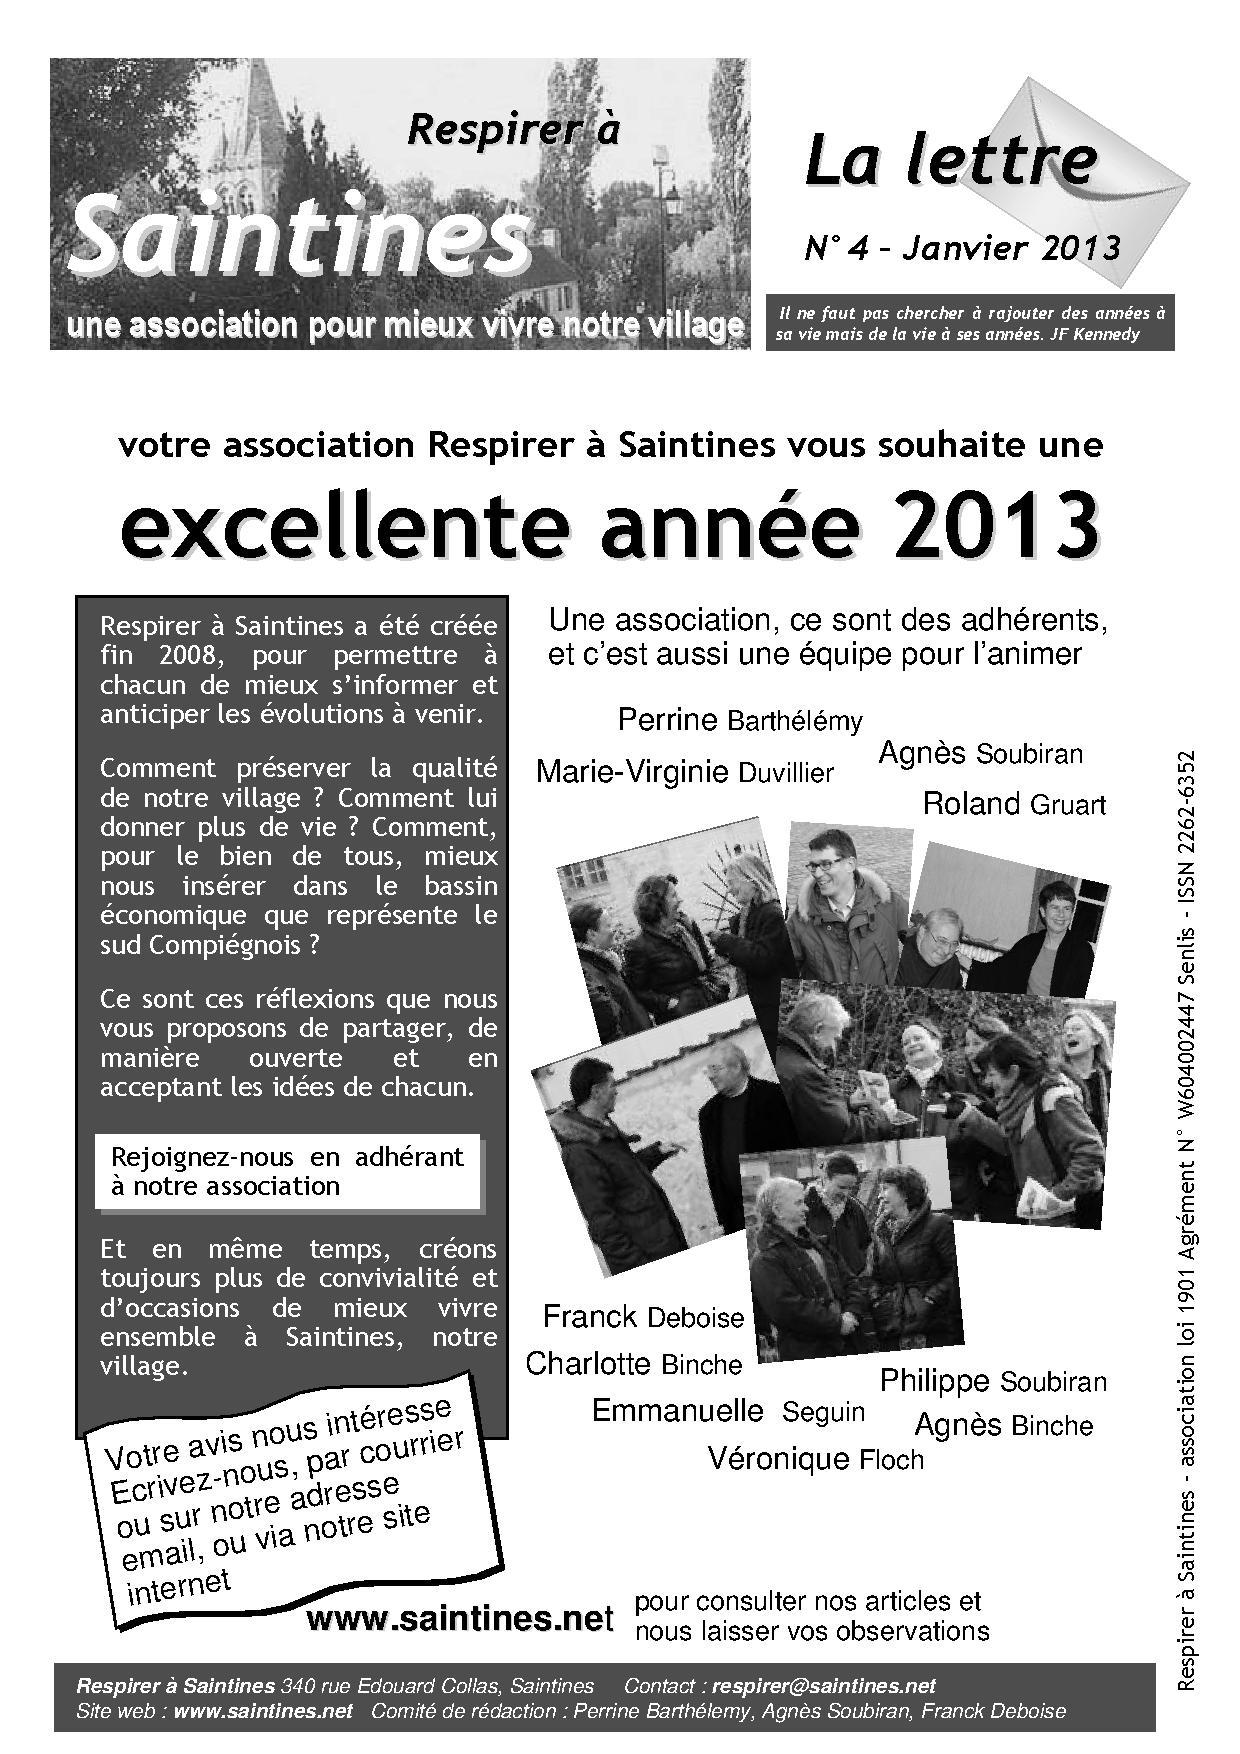 La Lettre de janvier 2013, page 1